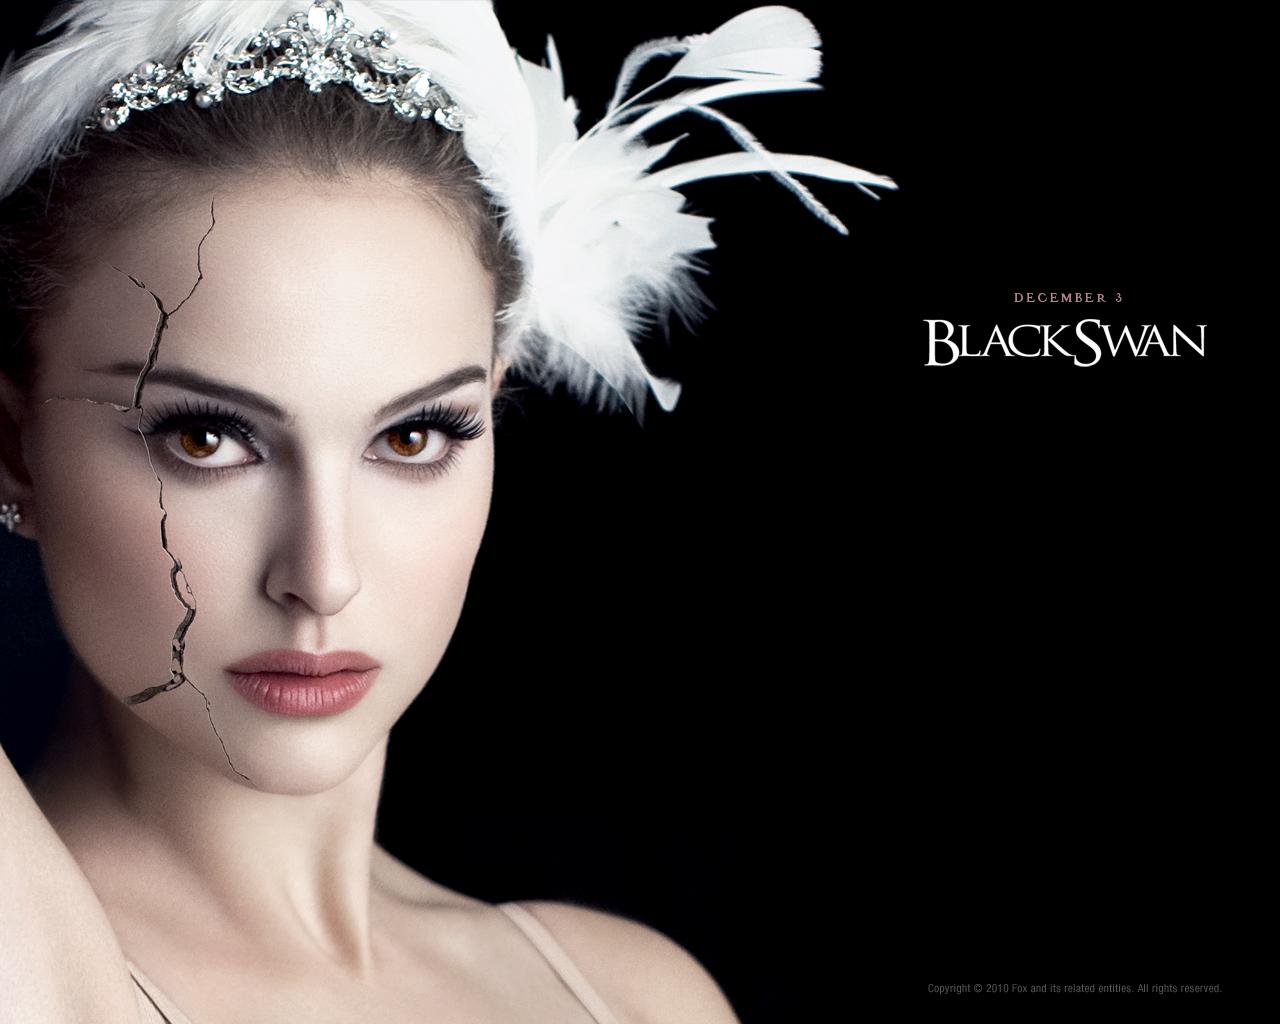 Black Swan Computer Wallpapers Desktop Backgrounds 1280x1024 ID 1280x1024